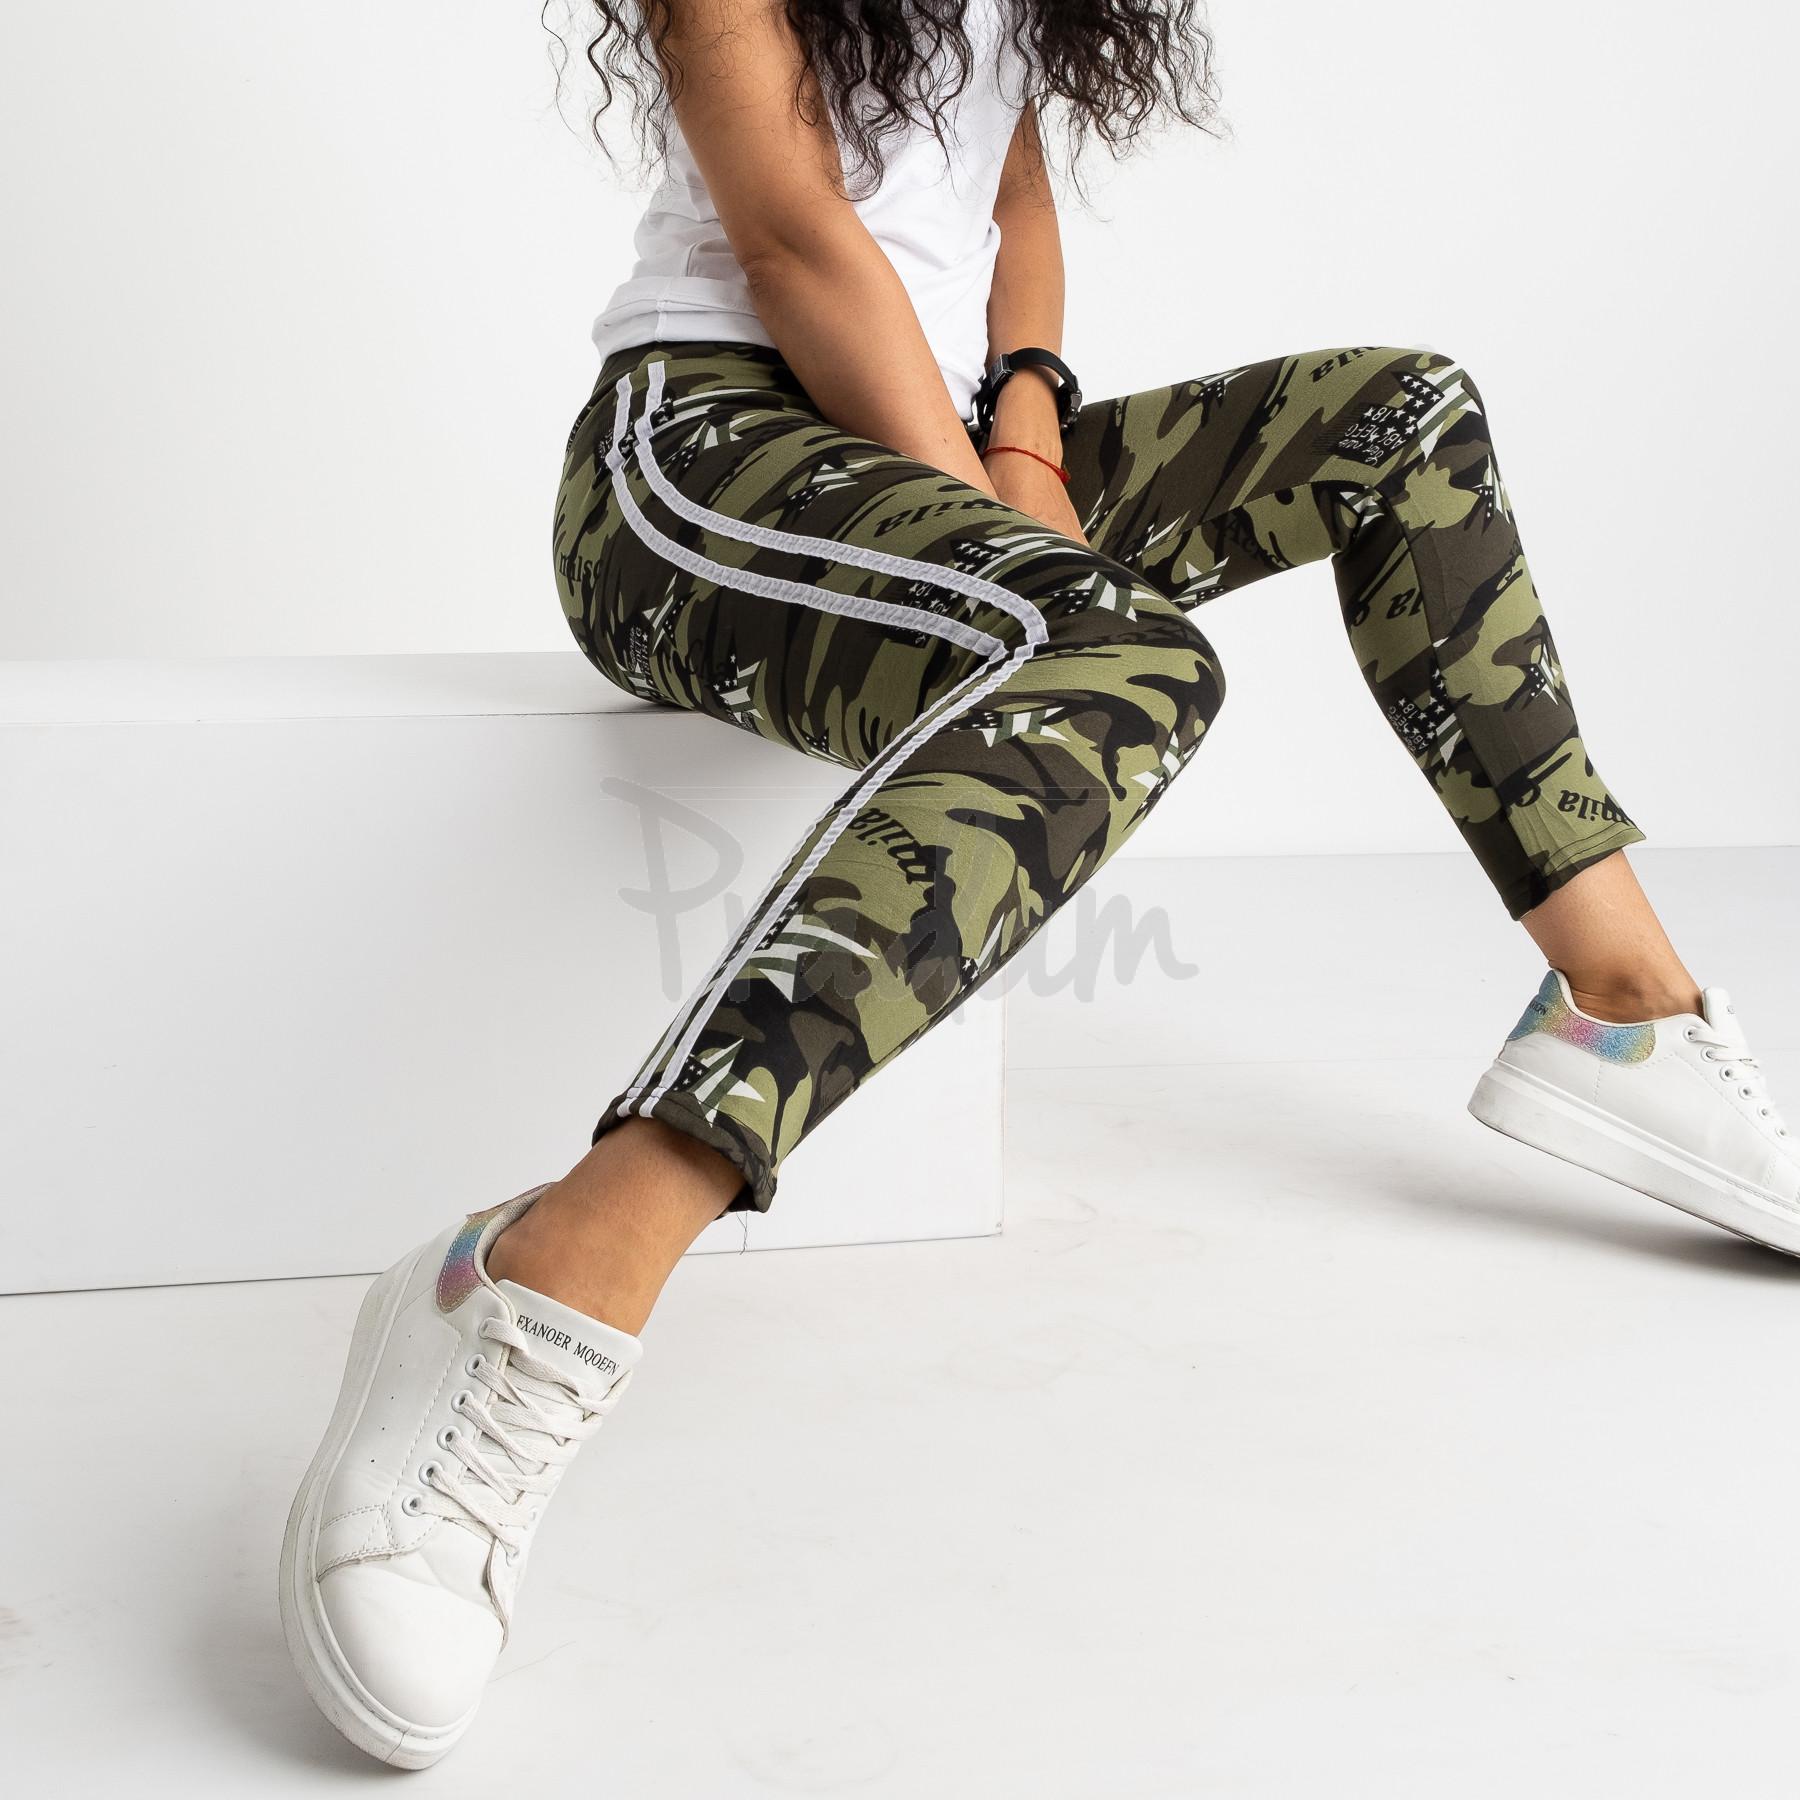 0902 Li Ruo Ya спортивные брюки женские камуфляжные на флисе (5 ед. размер: универсал  44-48)